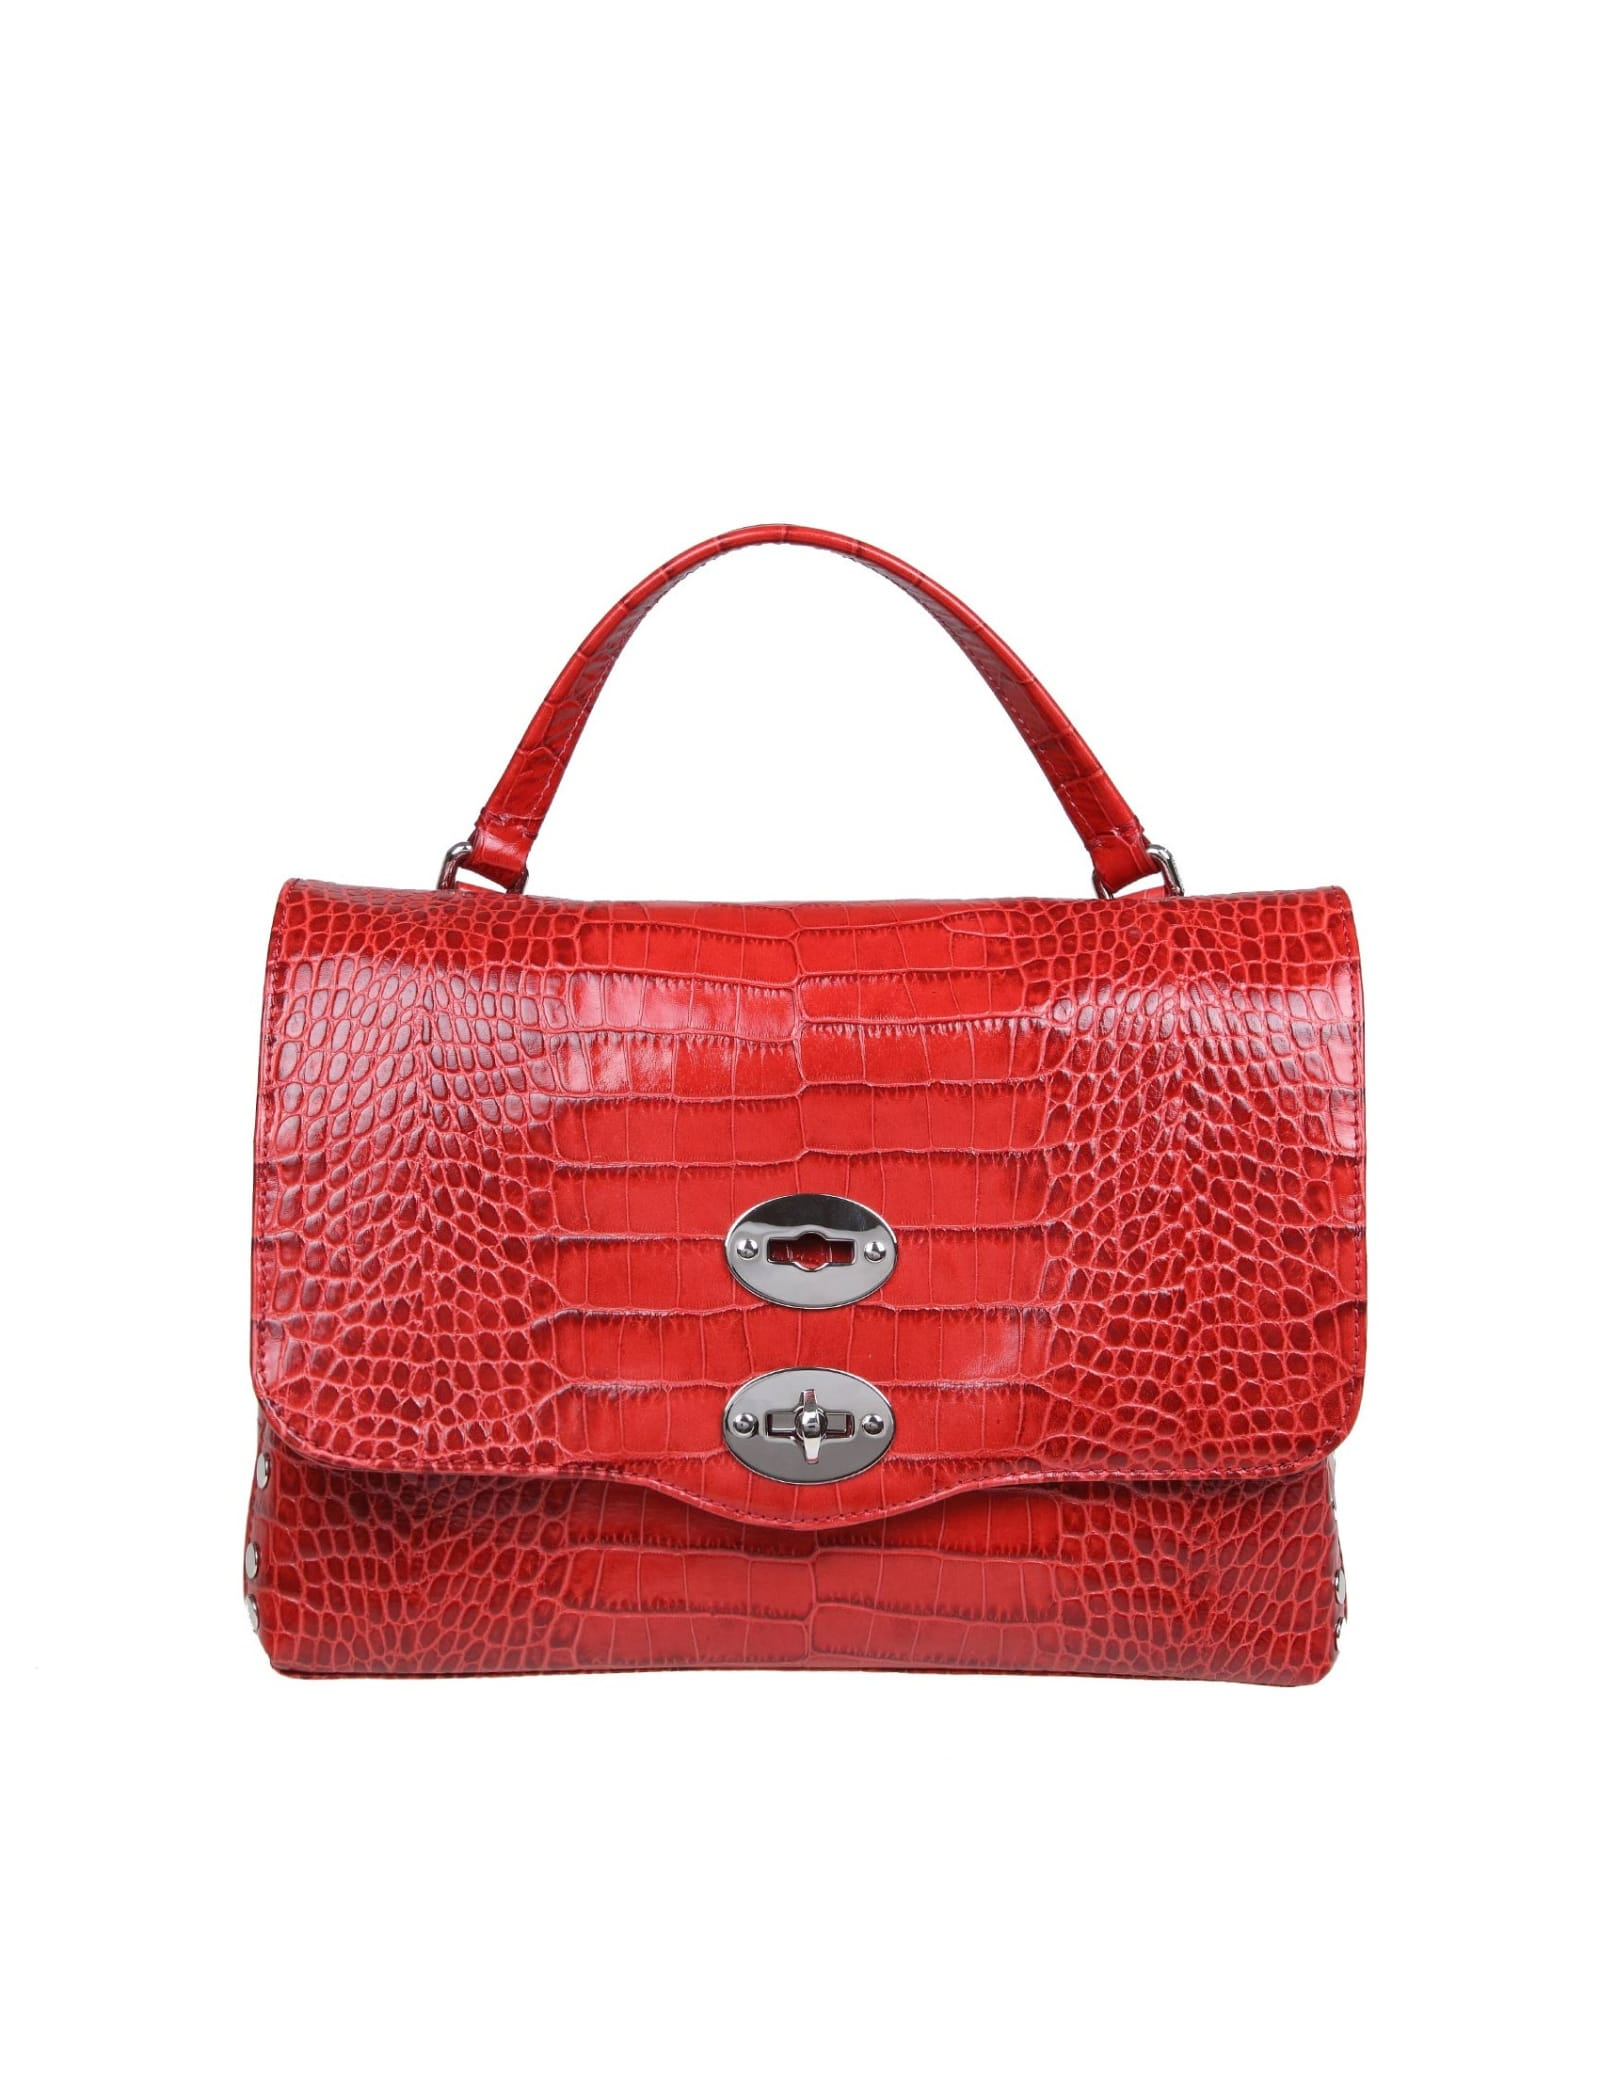 Zanellato Postina S Portrait In Red Leather